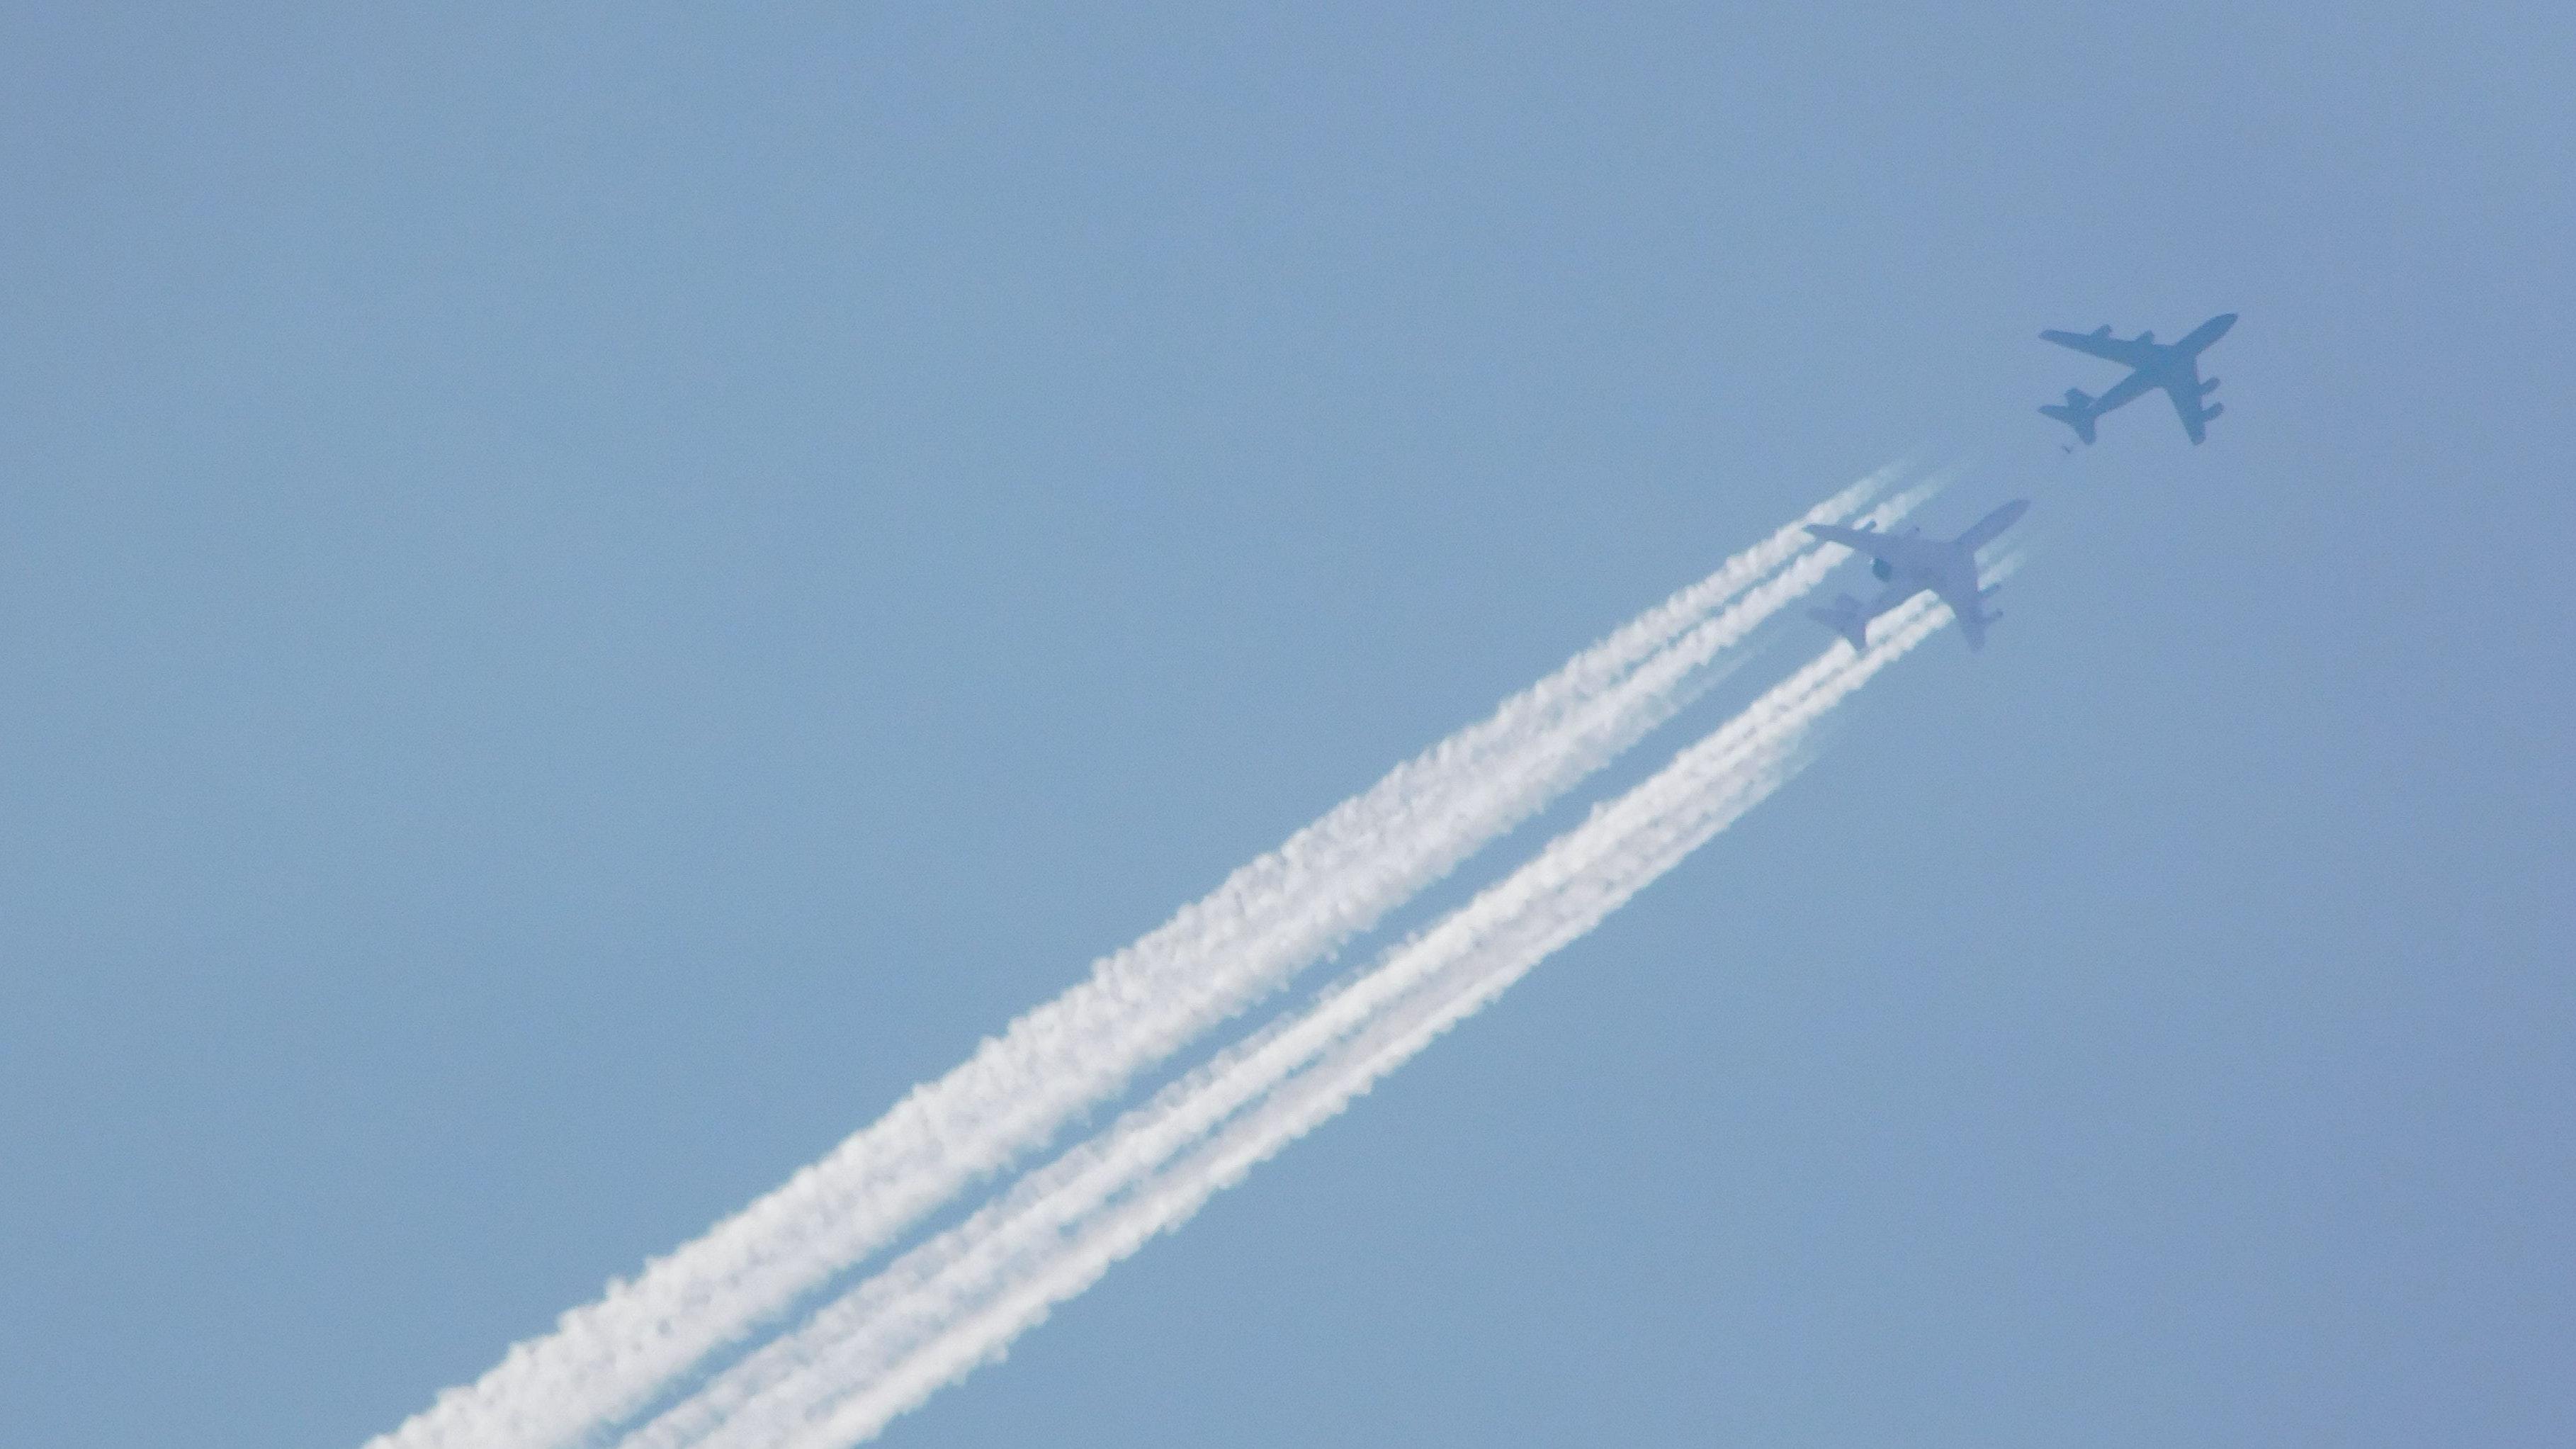 Spannendes Manöver am Himmel: Eine Awacs-Maschine setzt sich hinter das Tankflugzeug, um mit Hilfe eines ausgefahrenen Schlauches den Kraftstoff aufzunehmen. Die Luftbetankung dauert mehrere Minuten. Foto: Holger Weinreich